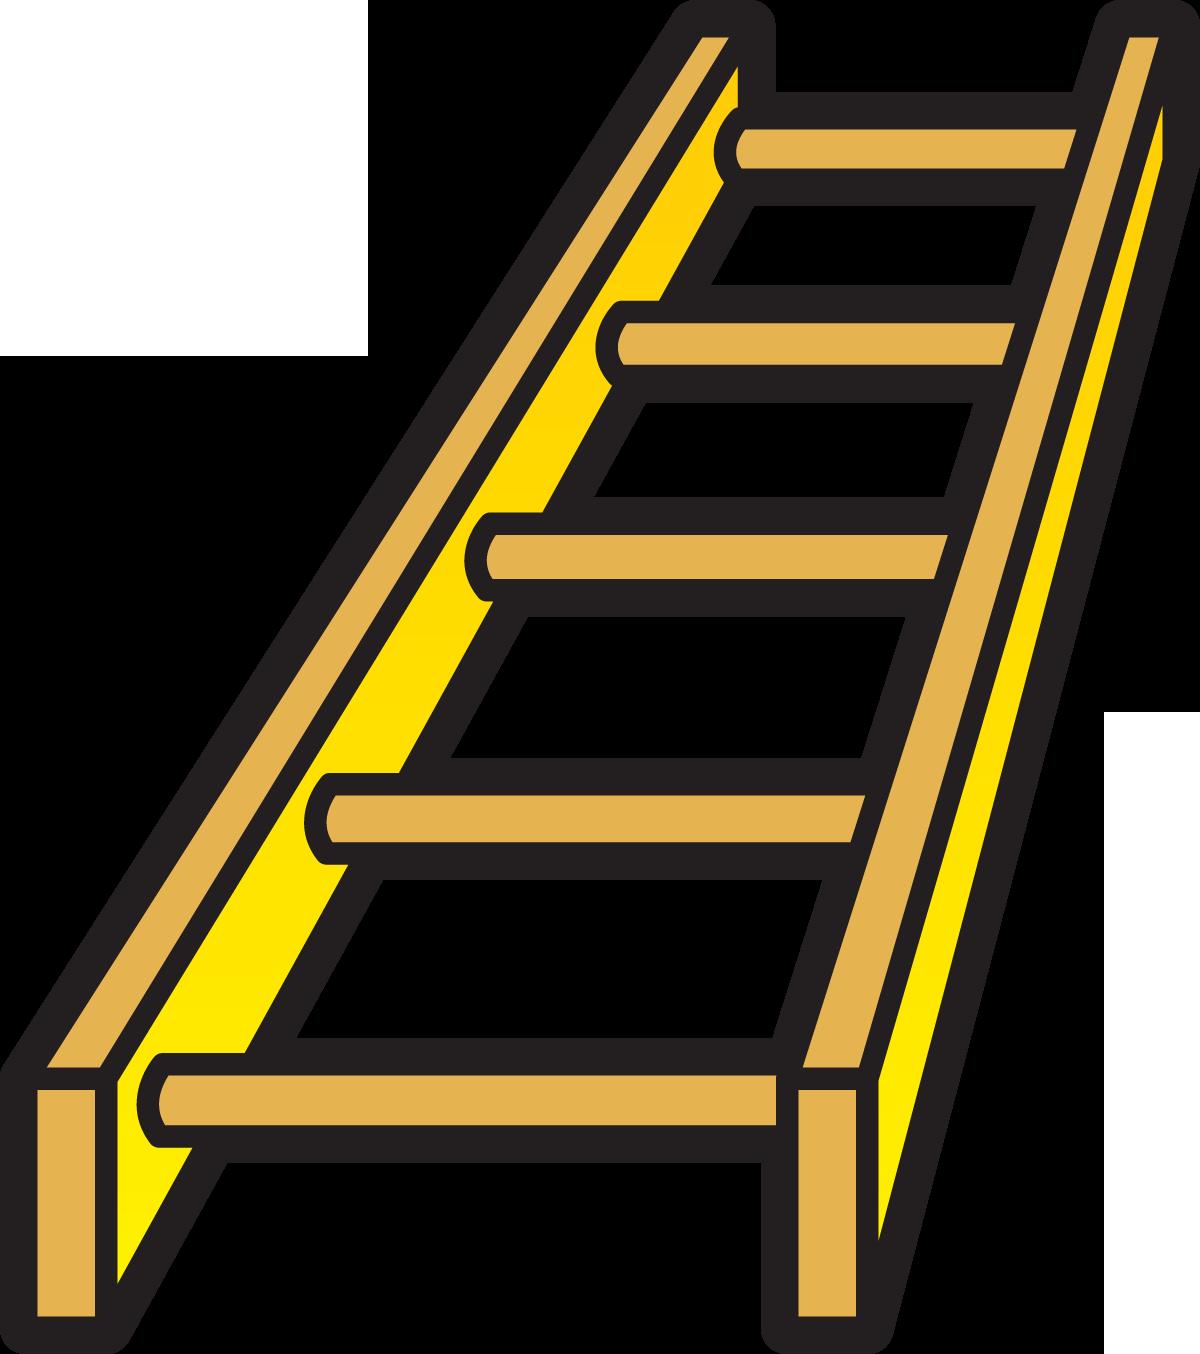 ladder-icon